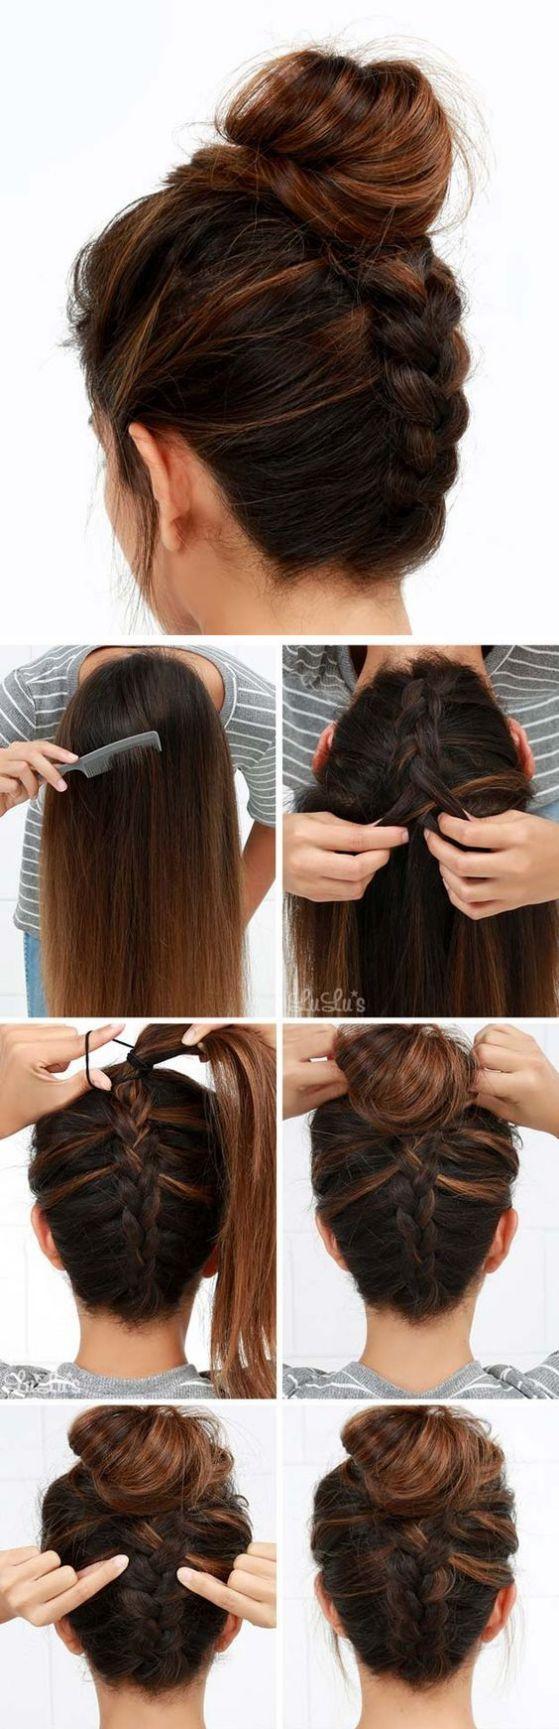 Estos ✿ ❀ peinados para fiestas ❀ ✿ harán que estes preparada para cualquier evento, gala o fiesta a la que desees, lista para lucir super elegante.